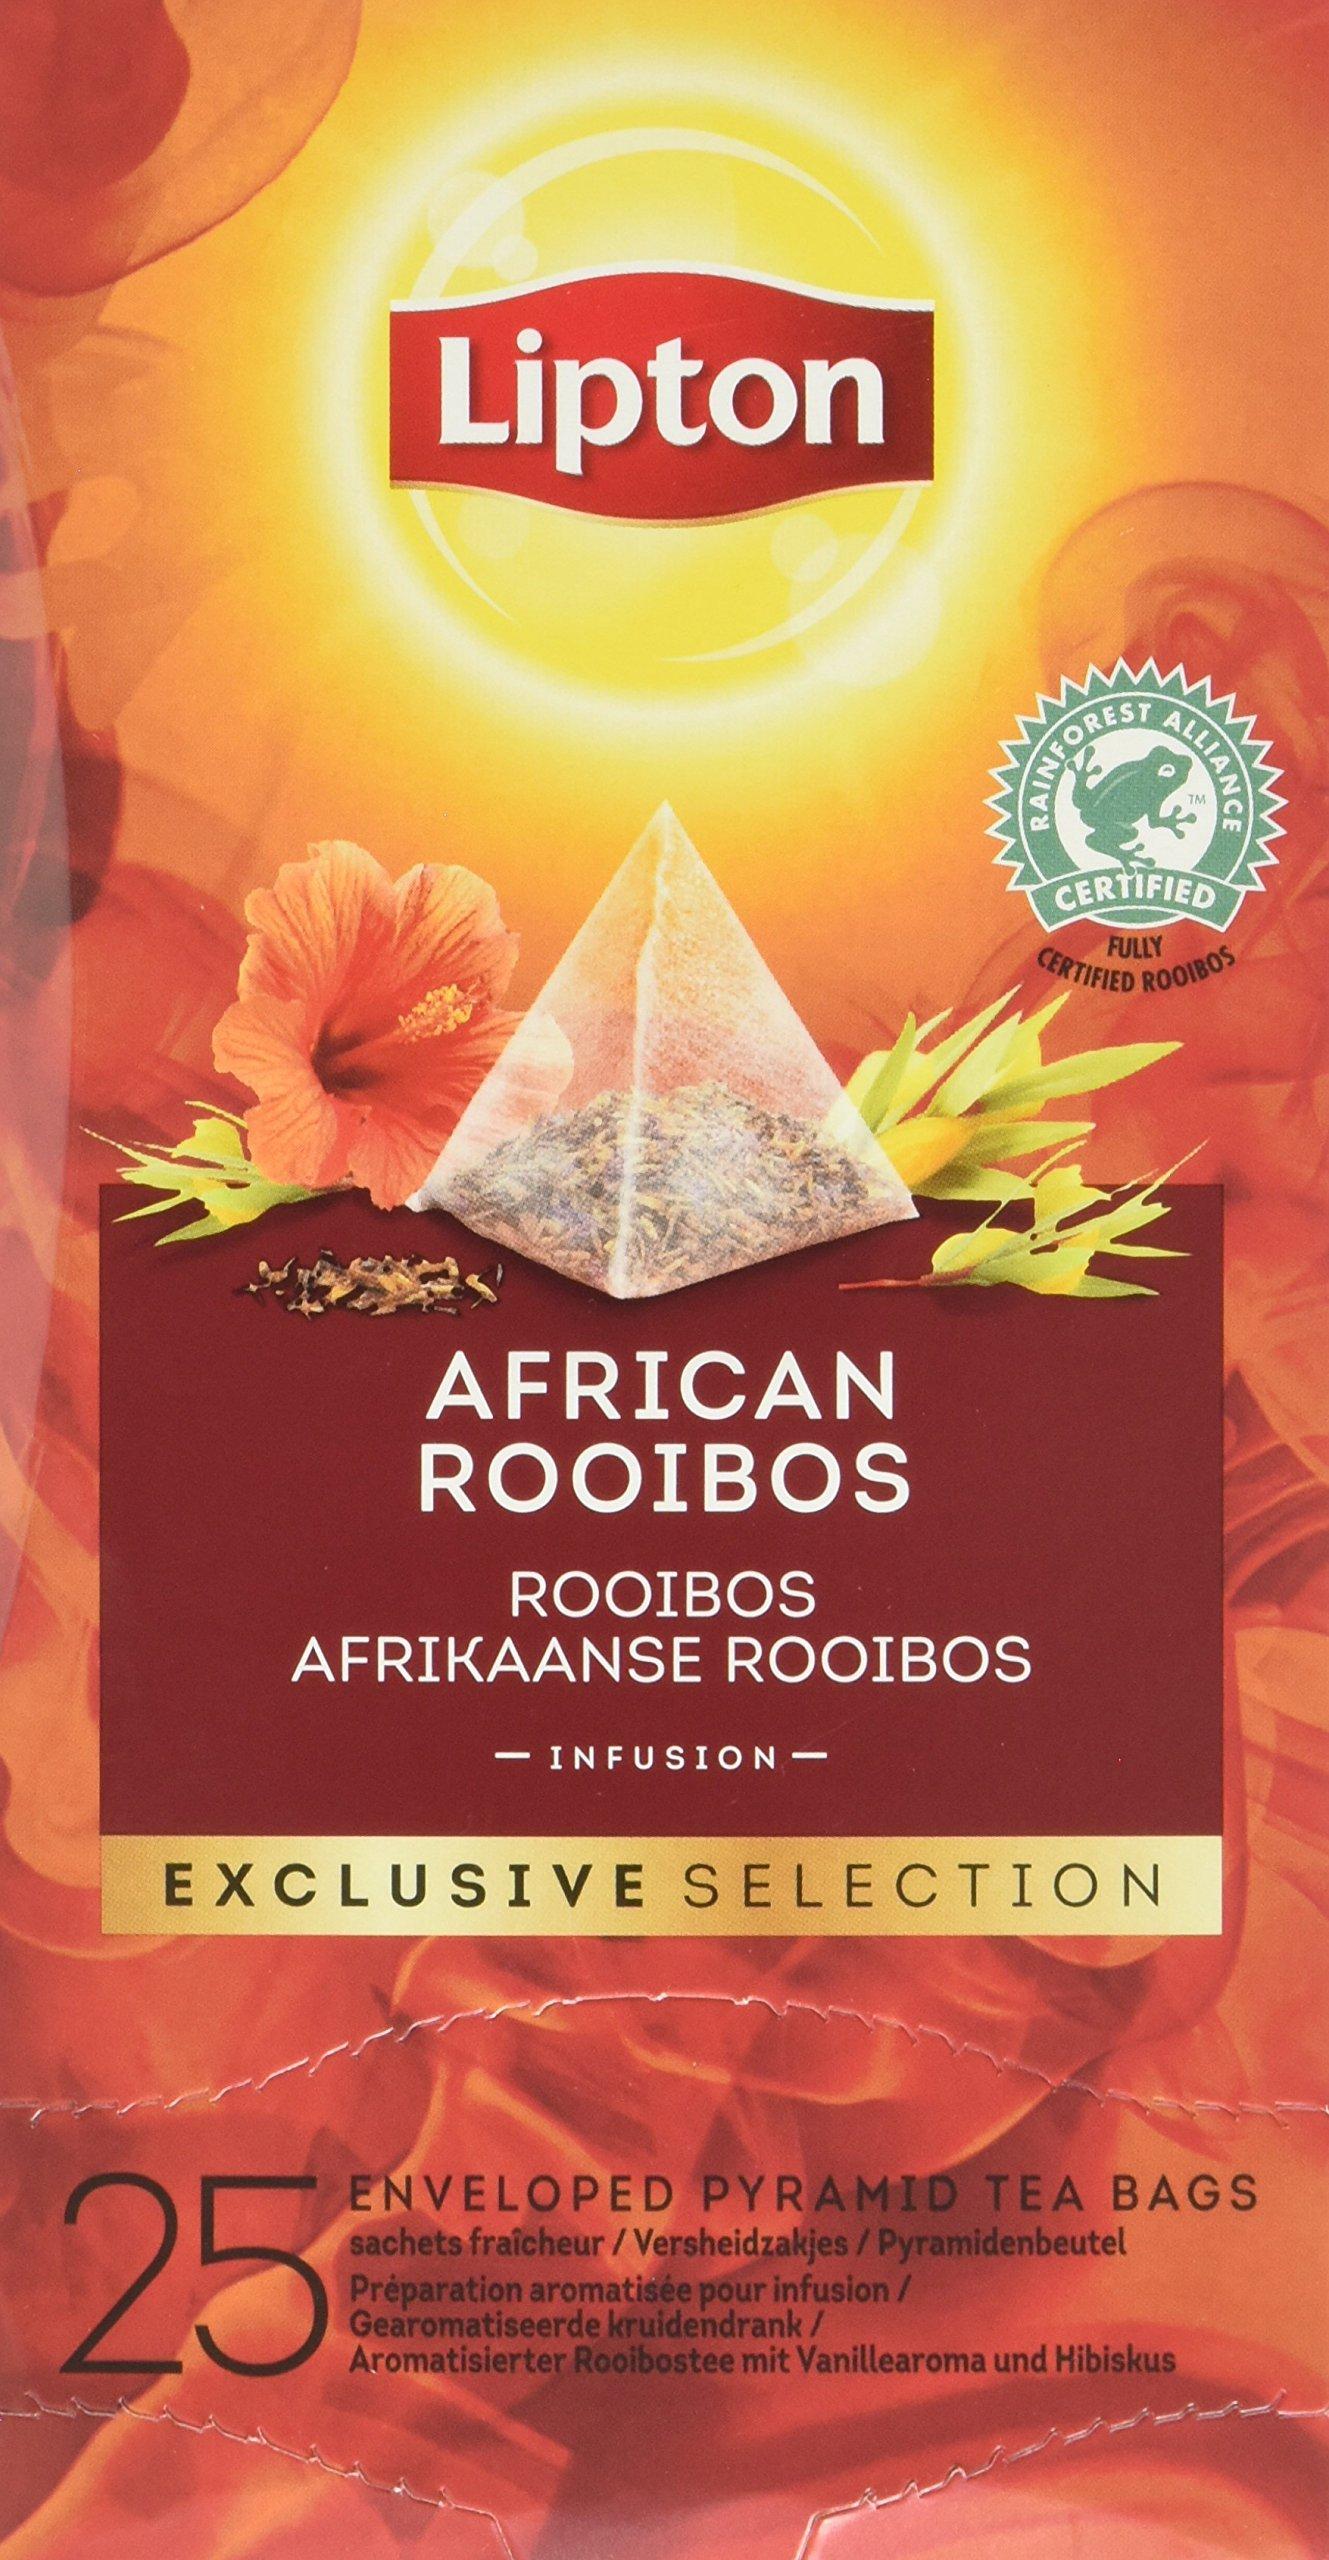 Lipton-Afrikanischer-Rooibos-Krutertee-Pyramidbeutel-50-g